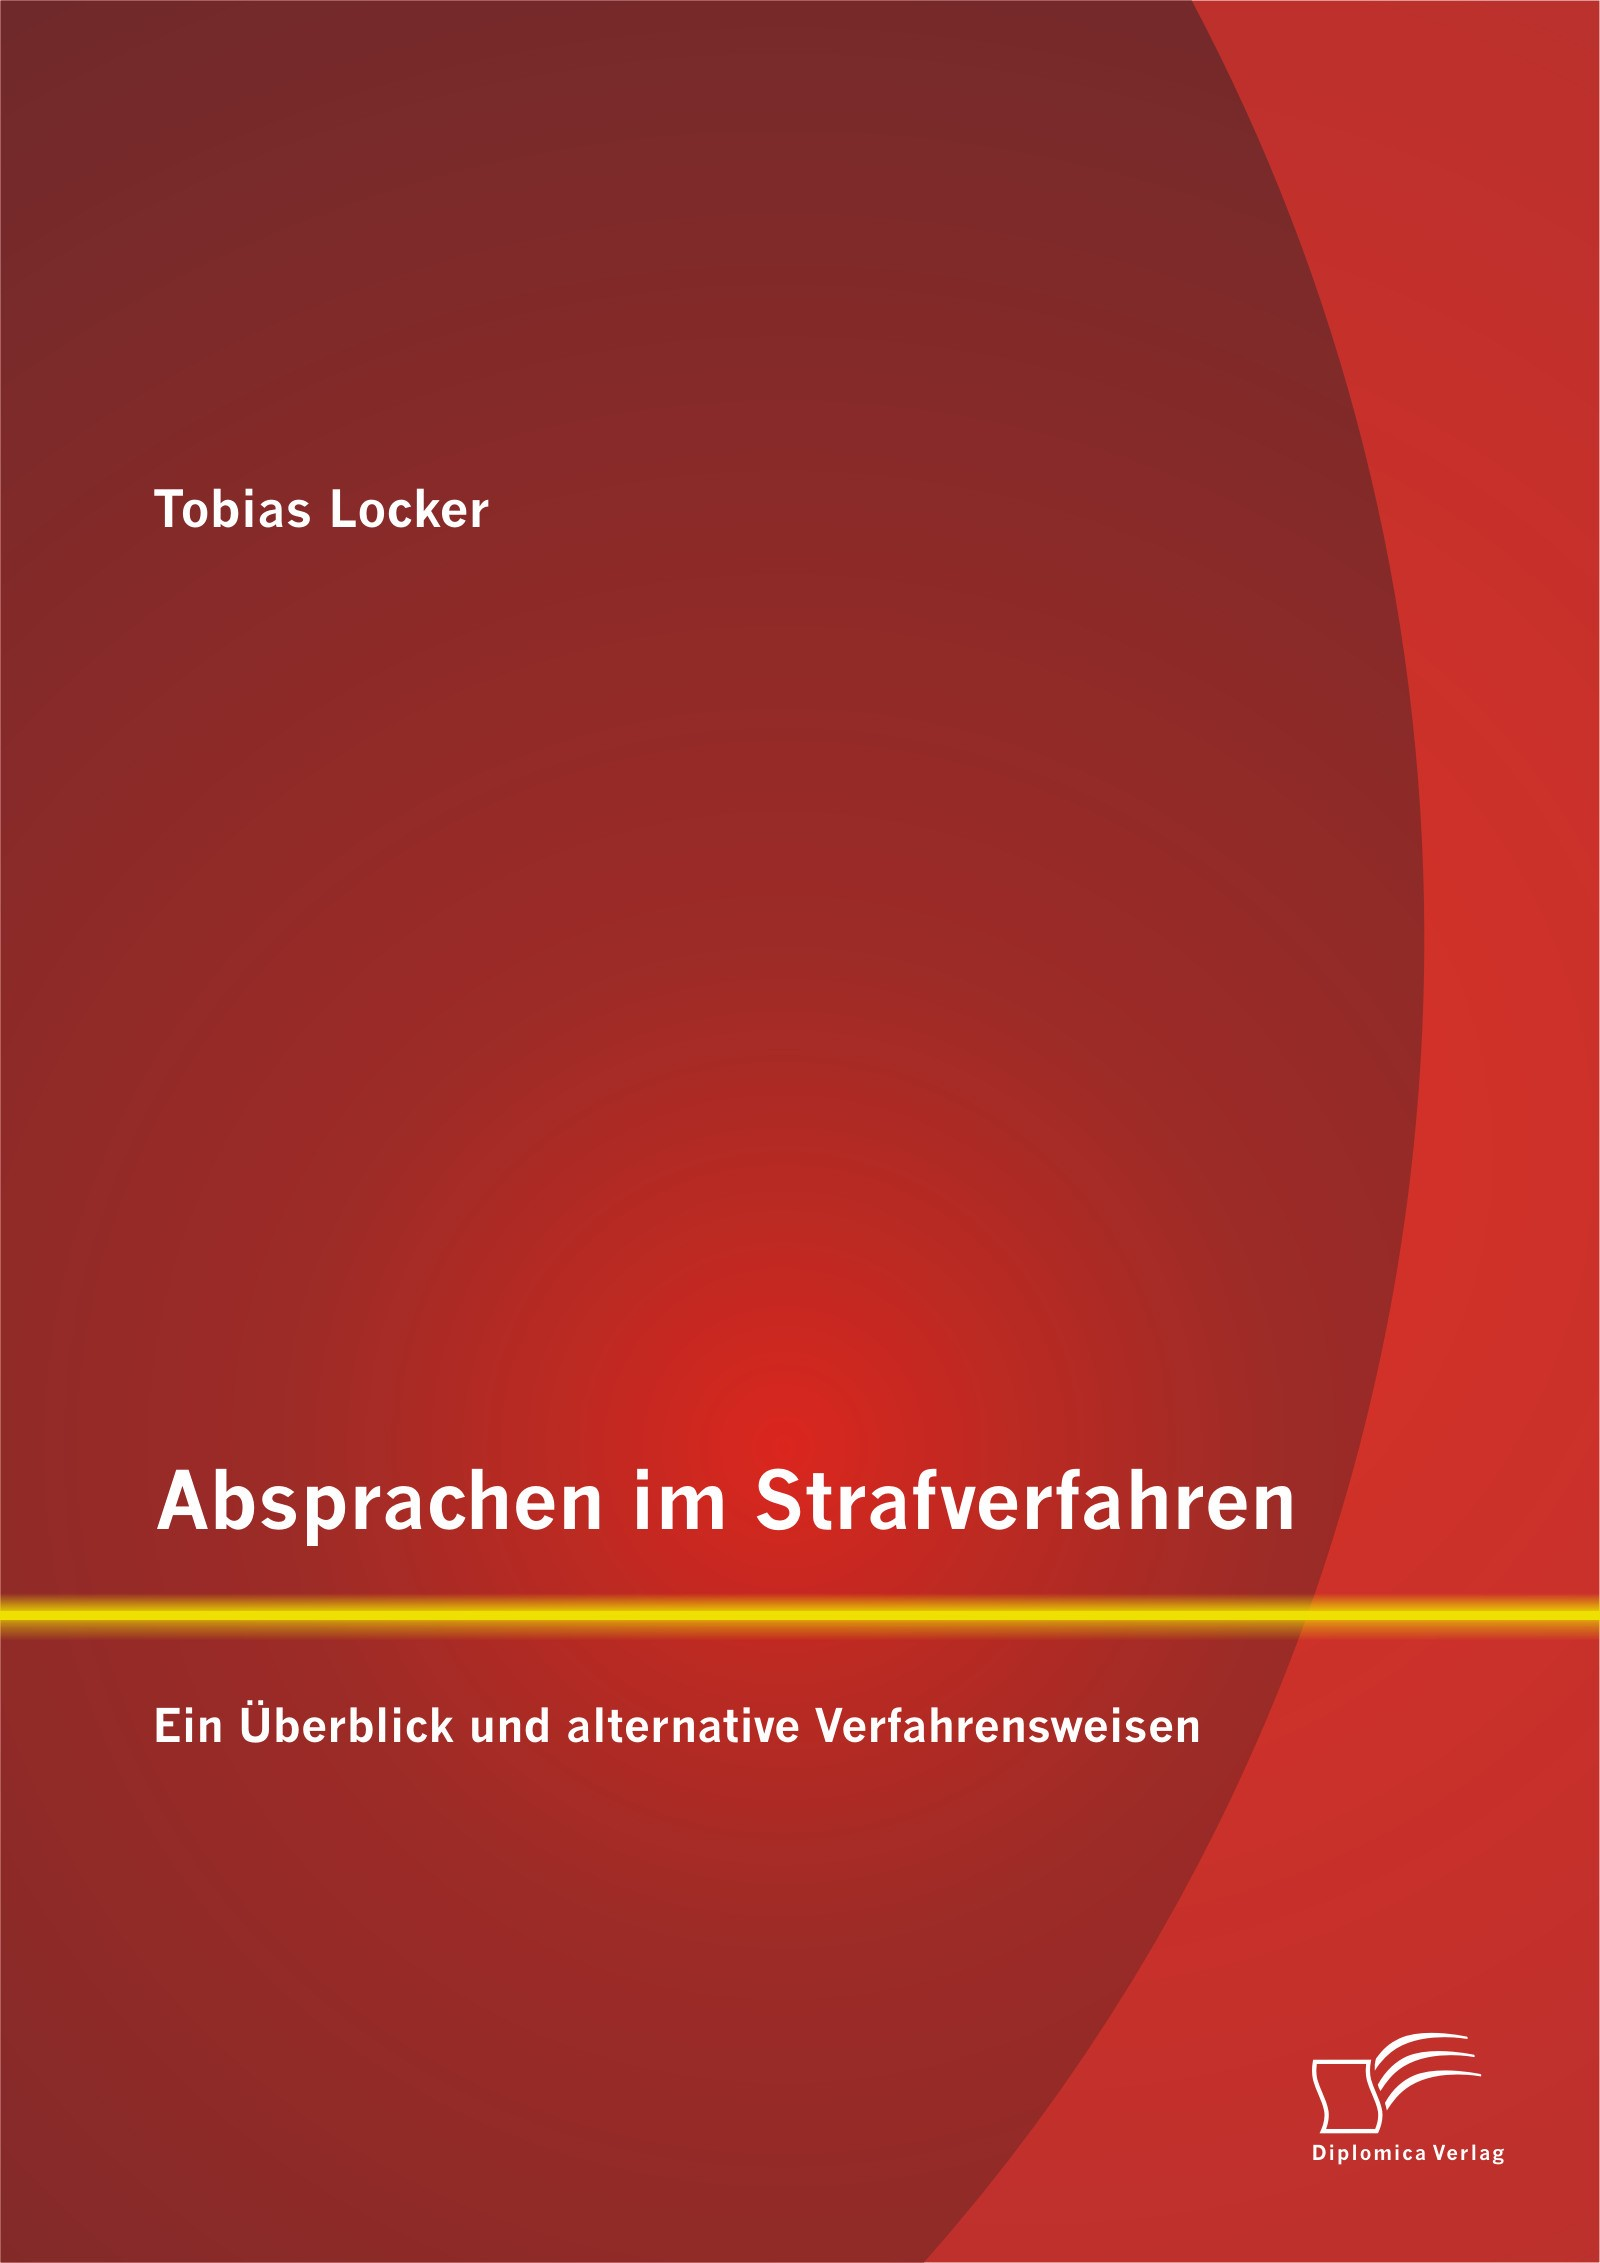 Absprachen im Strafverfahren: Ein Überblick und alternative Verfahrensweisen   Locker   Erstauflage, 2015   Buch (Cover)